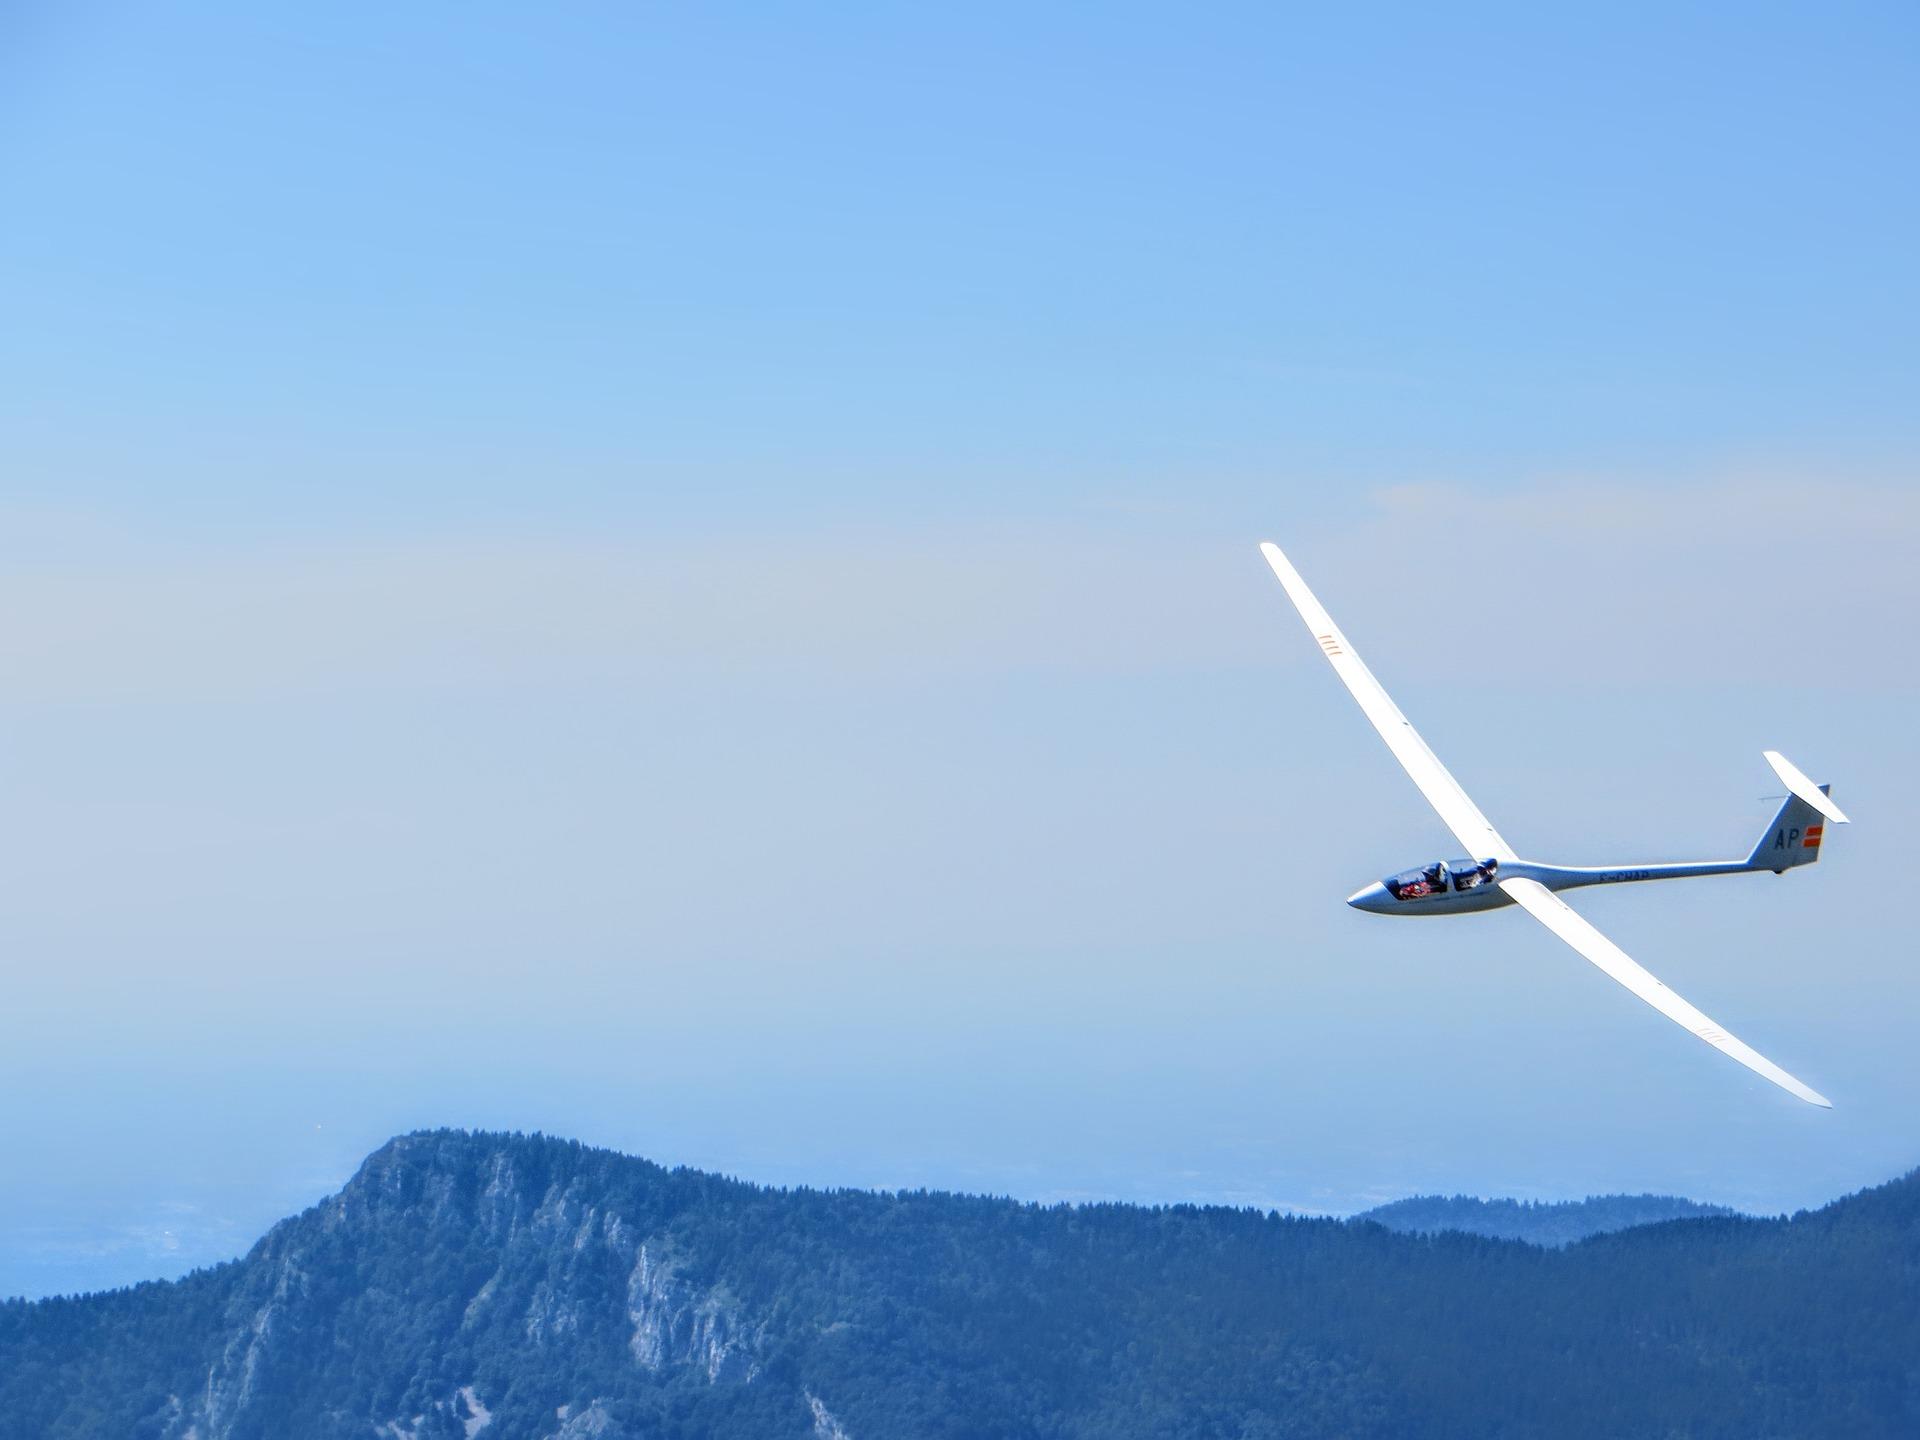 glider-1607809_1920